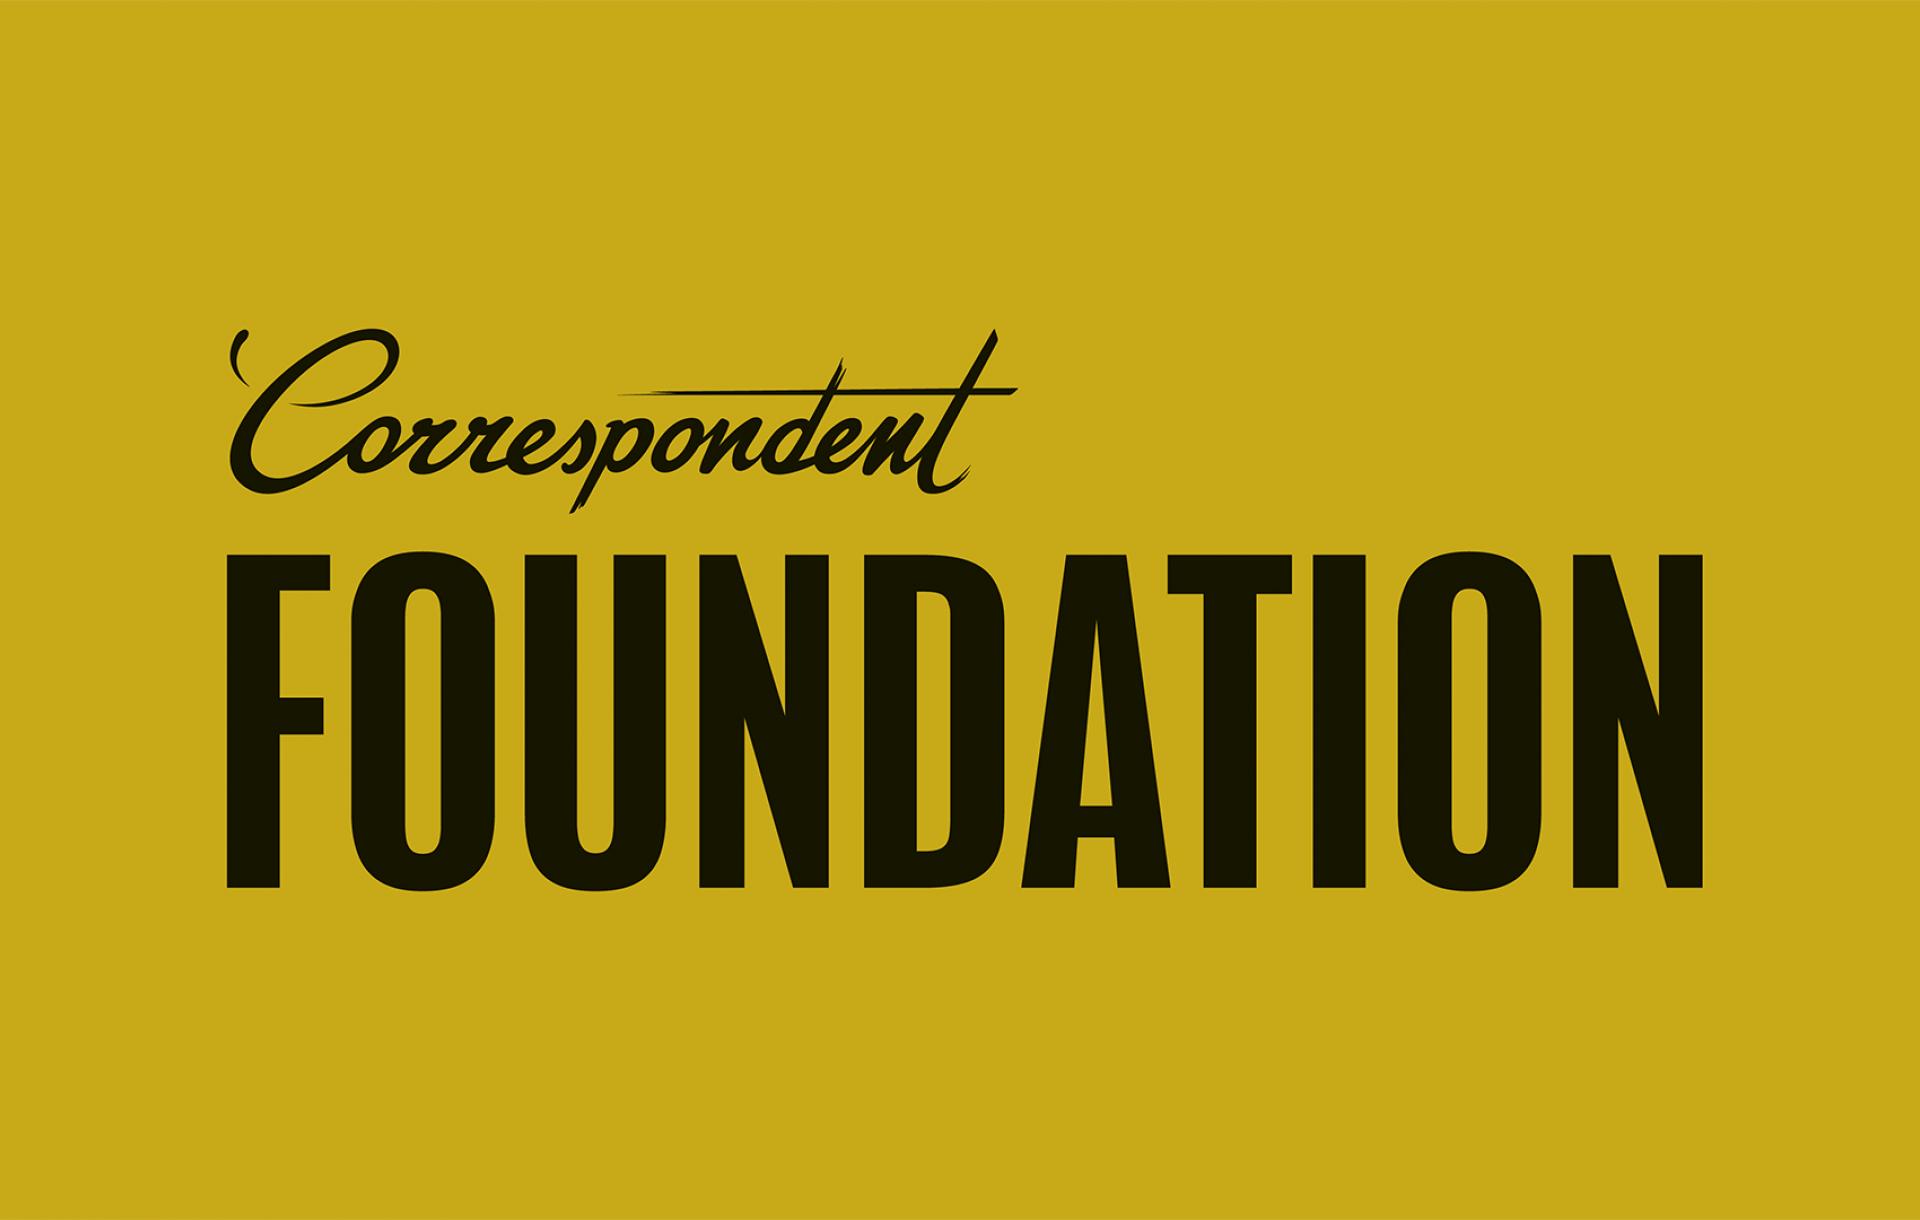 De Correspondent Foundation